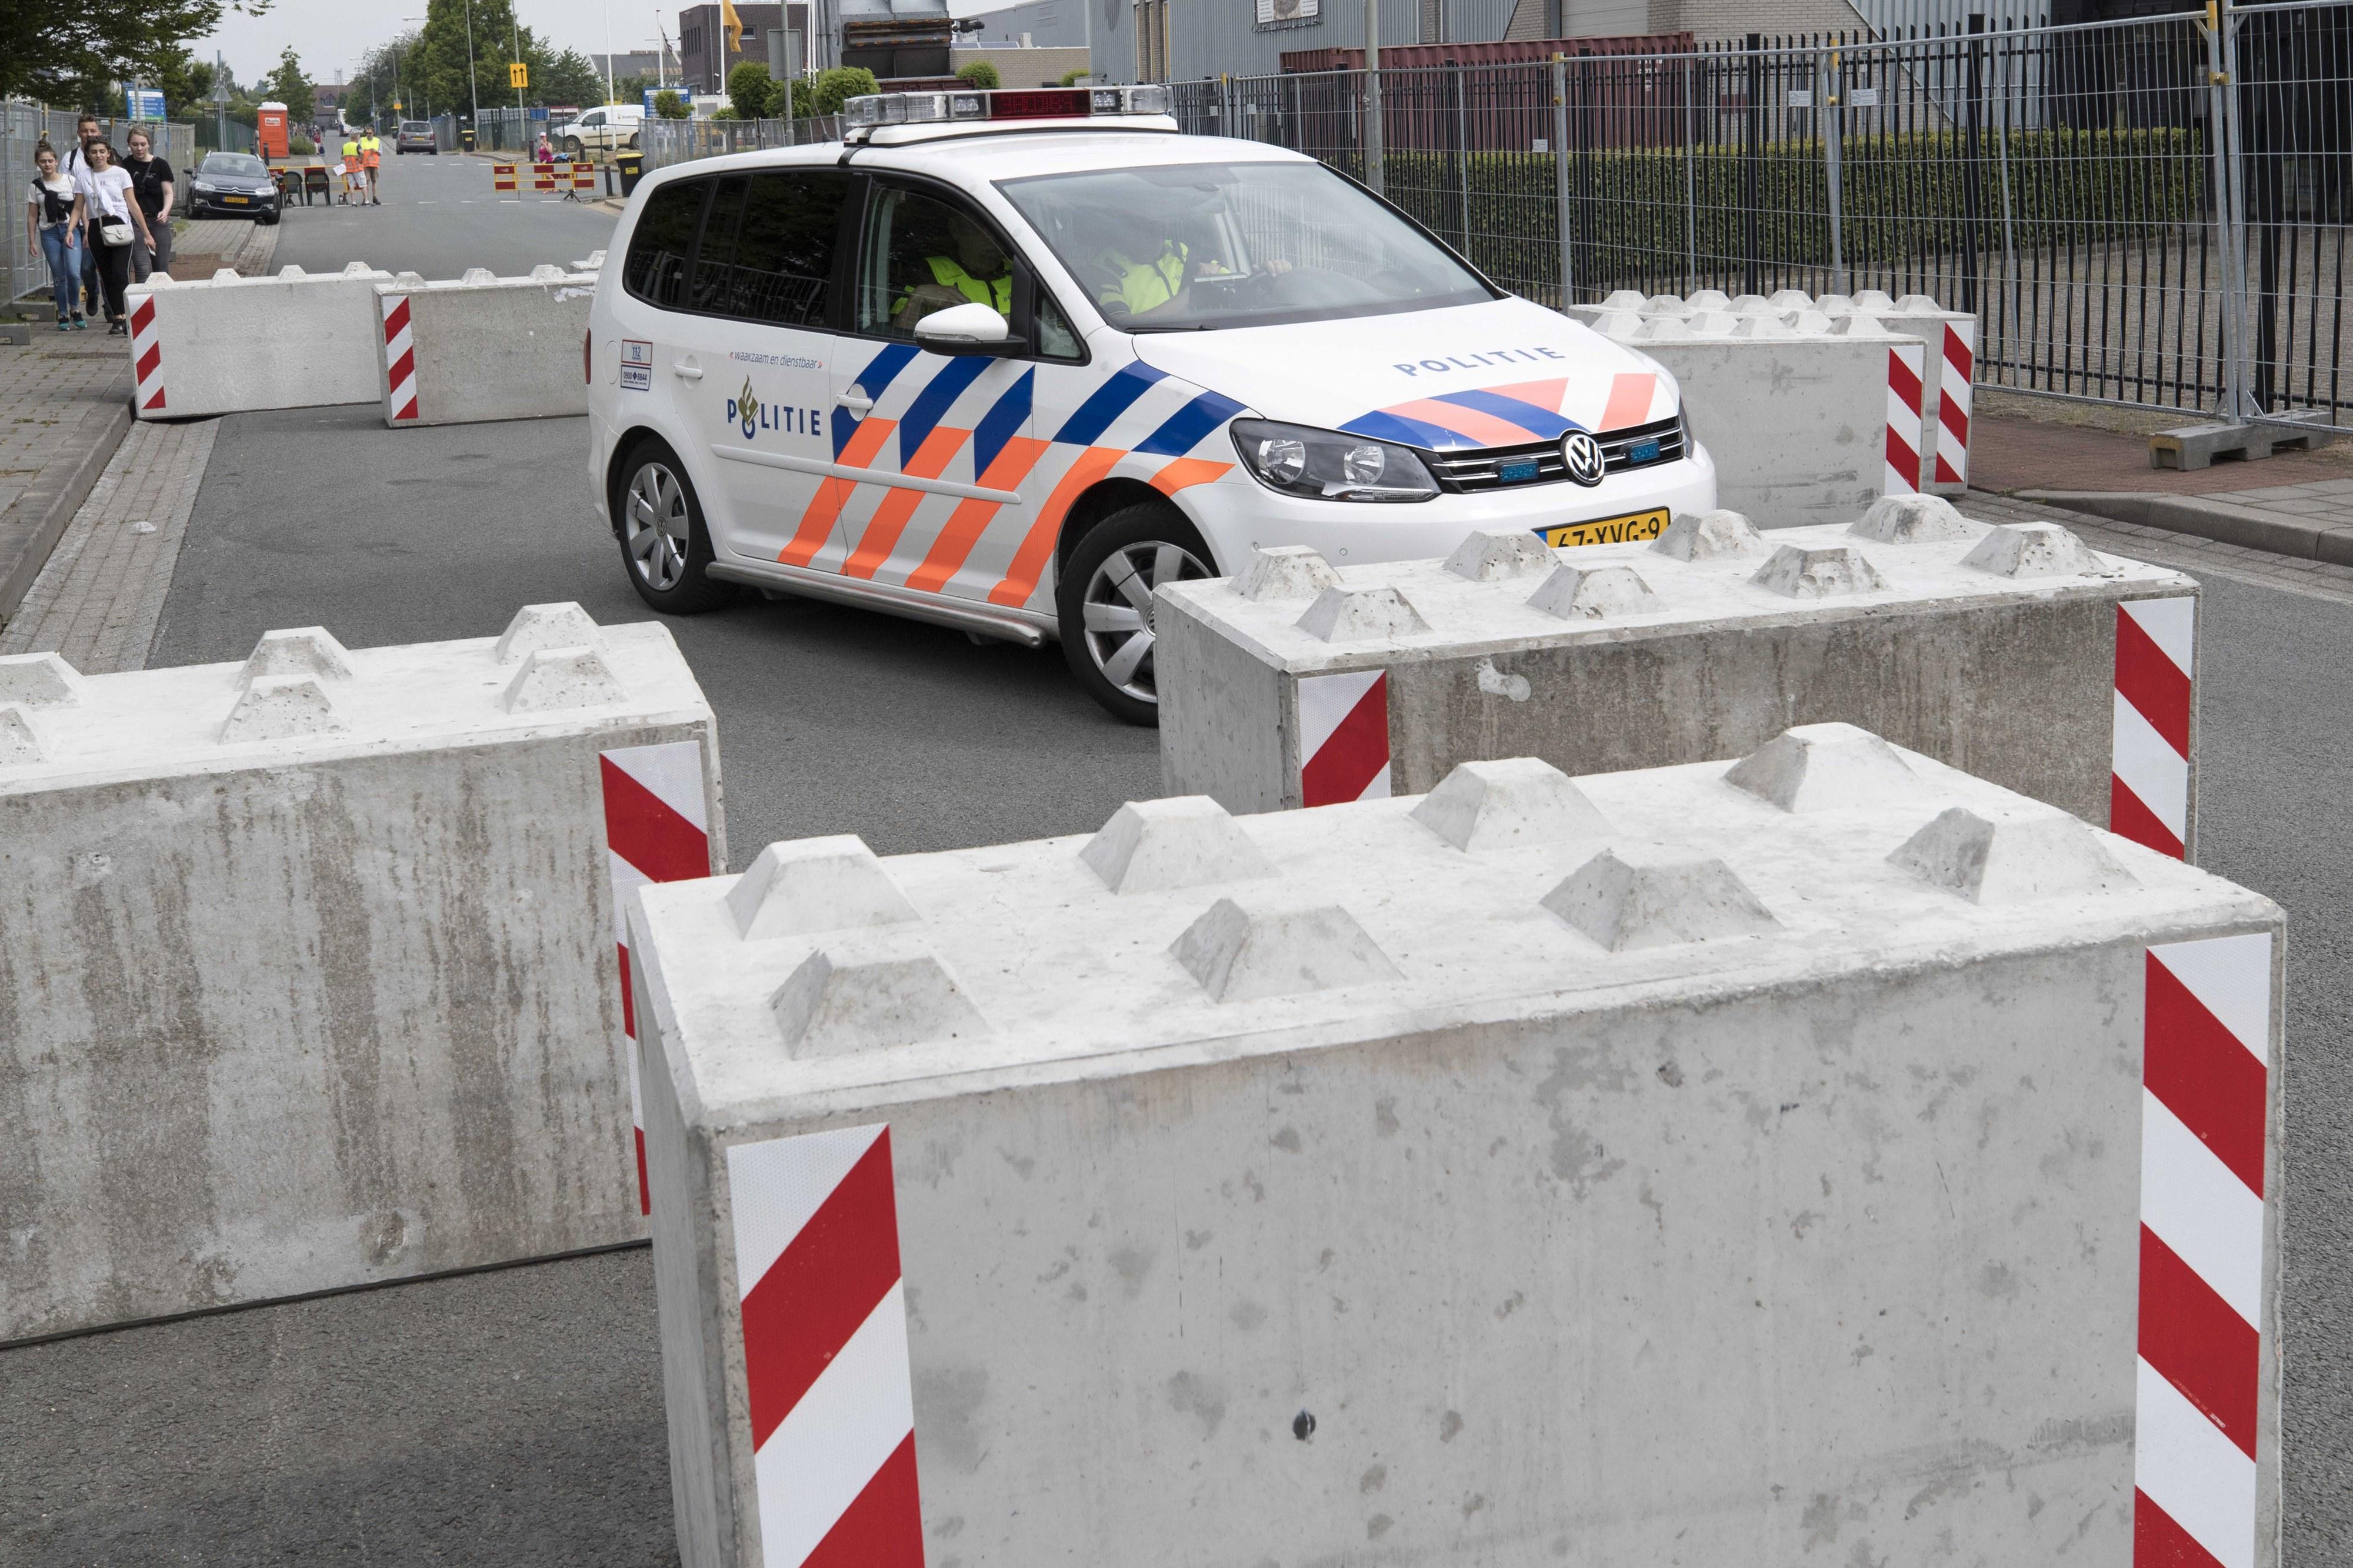 Holanda: Dois mortos e vários feridos em esfaqueamento em Maastricht